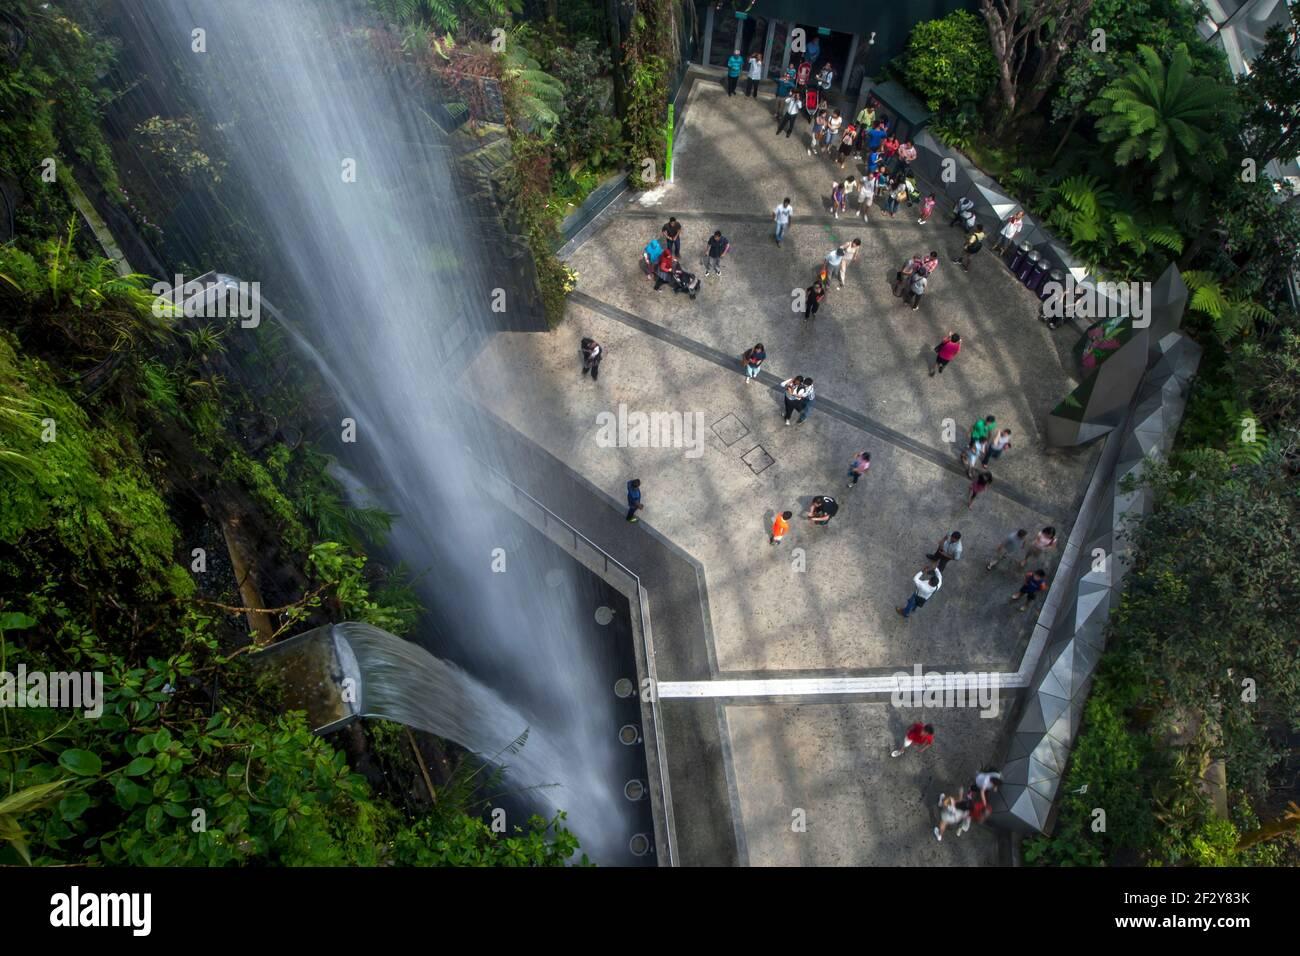 La cascada en el atrio de la selva tropical en Gardens by the Bay en Singapur. Jardines junto a la bahía es un parque natural que abarca más de 100 hectáreas. Foto de stock